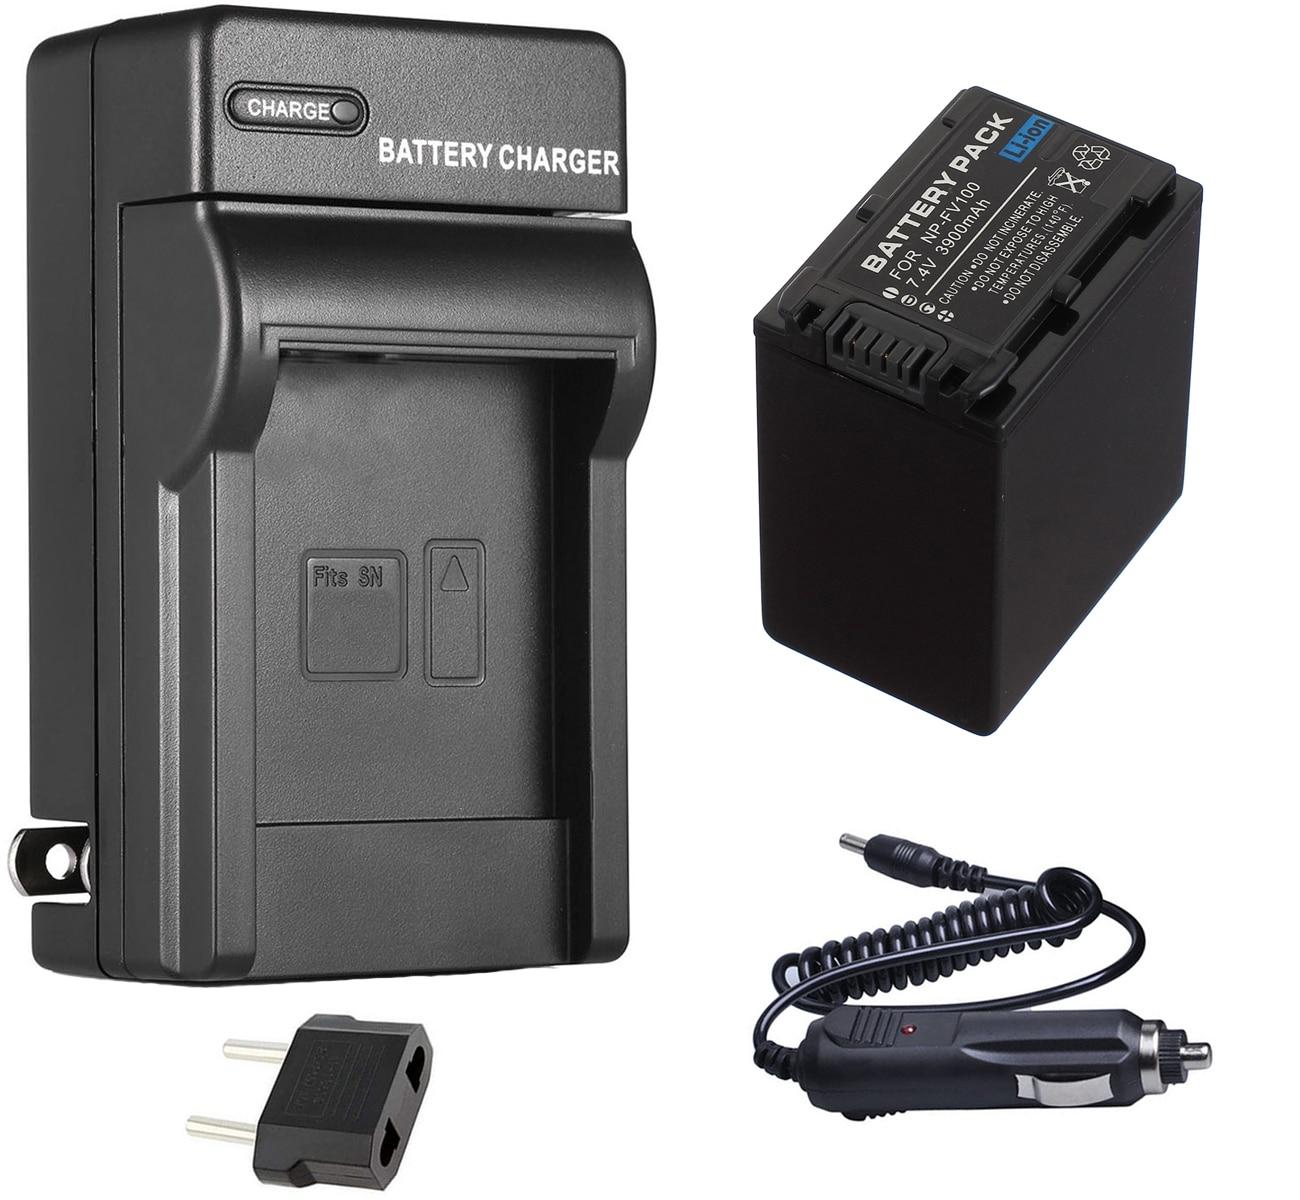 Paquete de baterías + cargador para Sony Handycam HDR-CX110, HDR-CX130, HDR-CX150, HDR-CX155,...